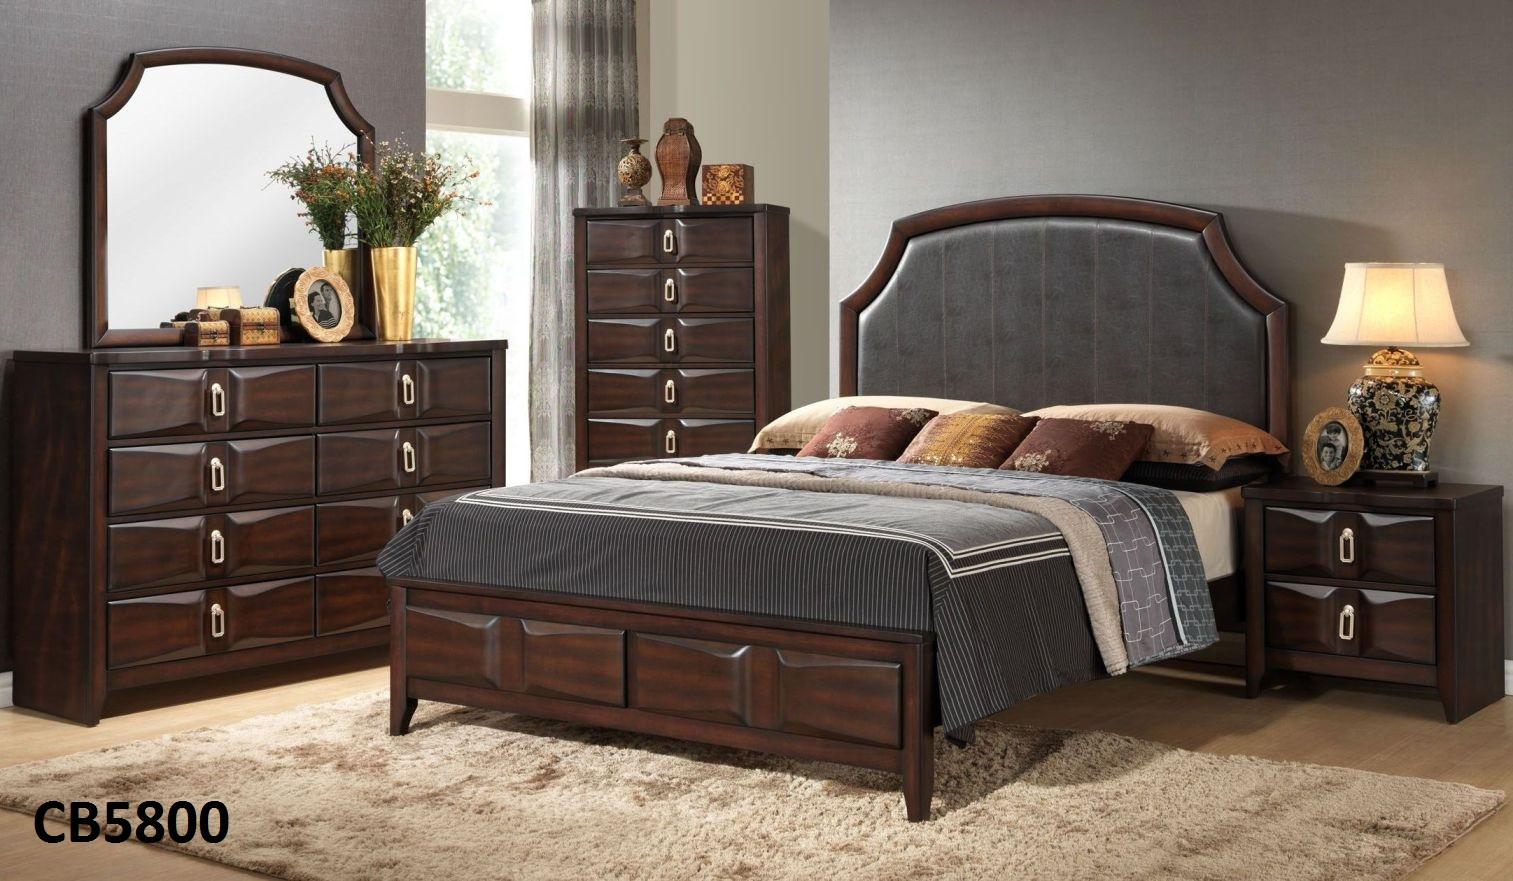 CB5800 Master Bedroom Set